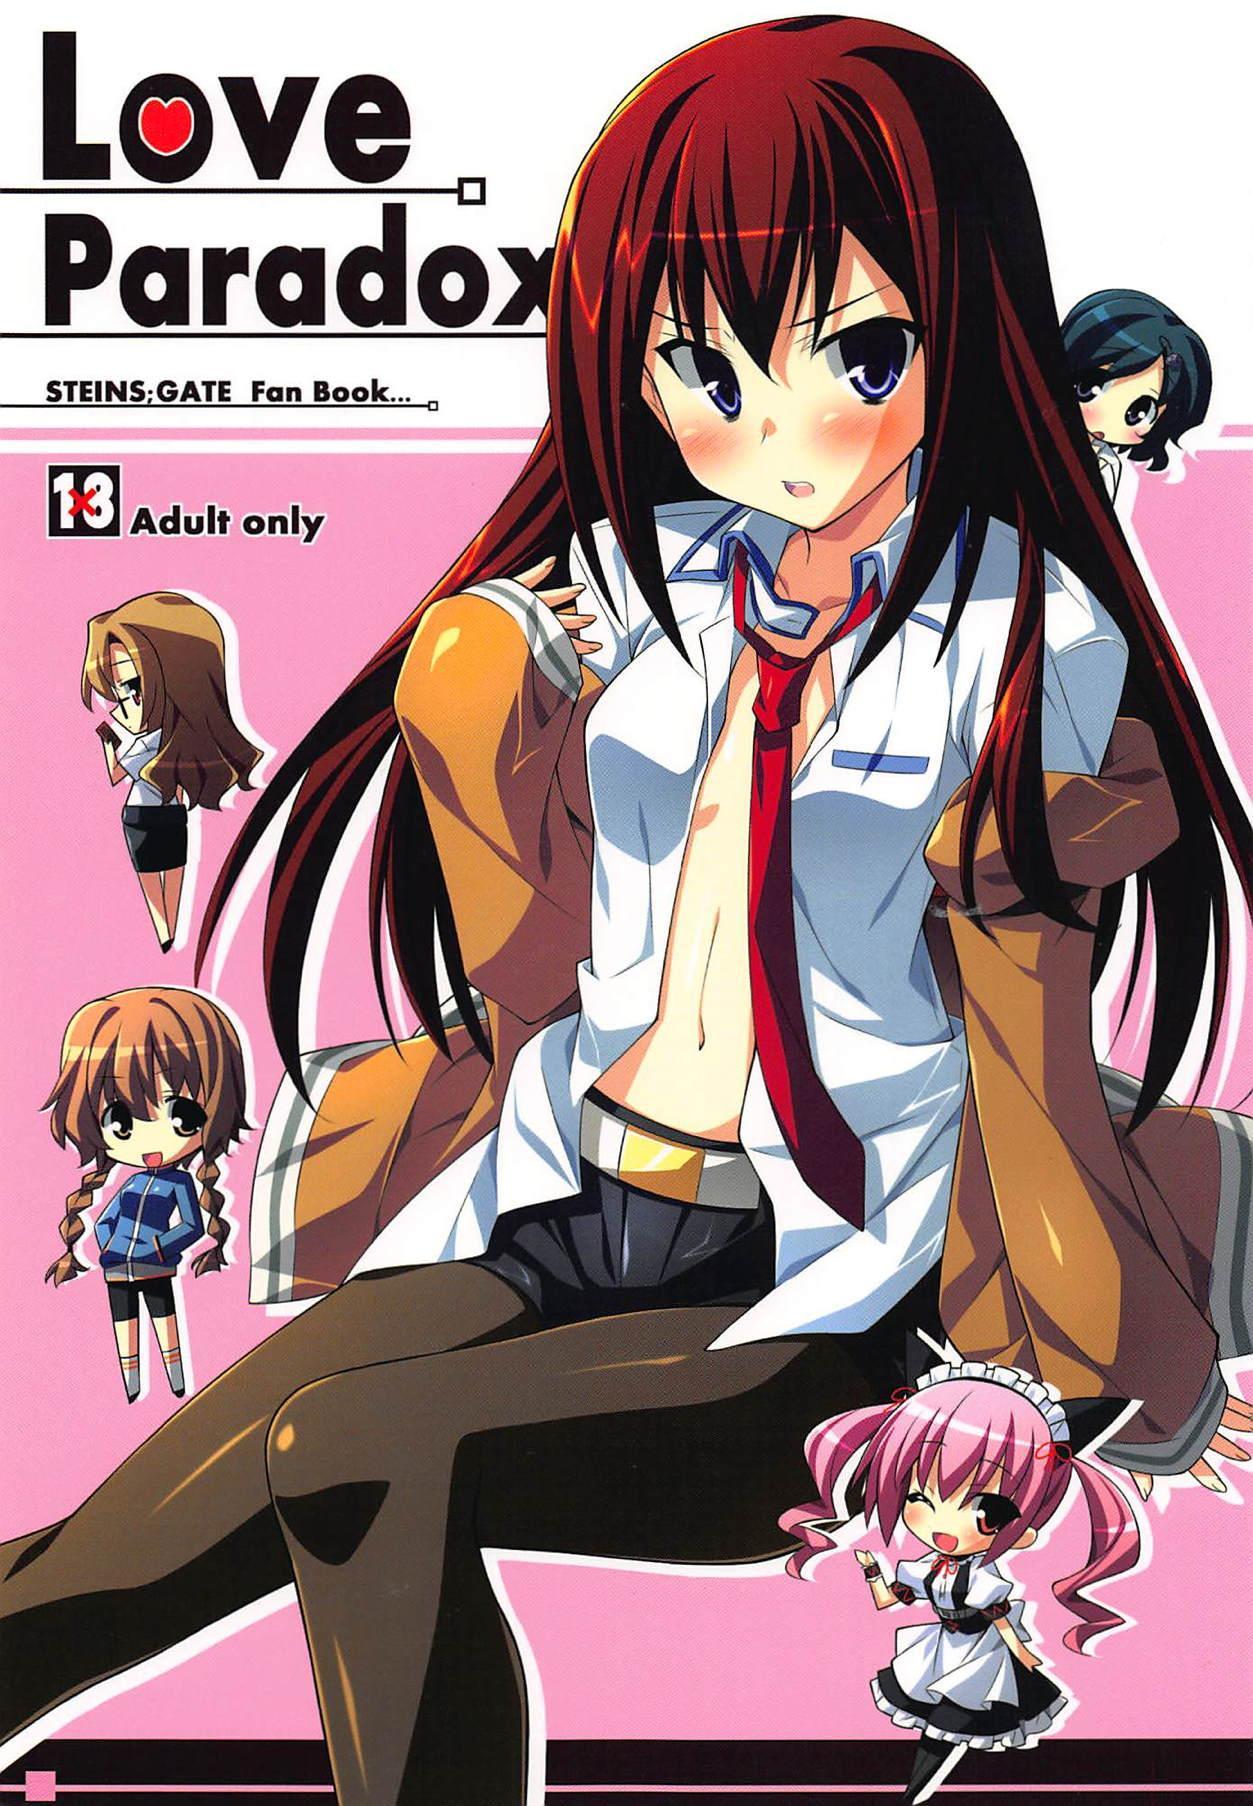 Love Paradox 0